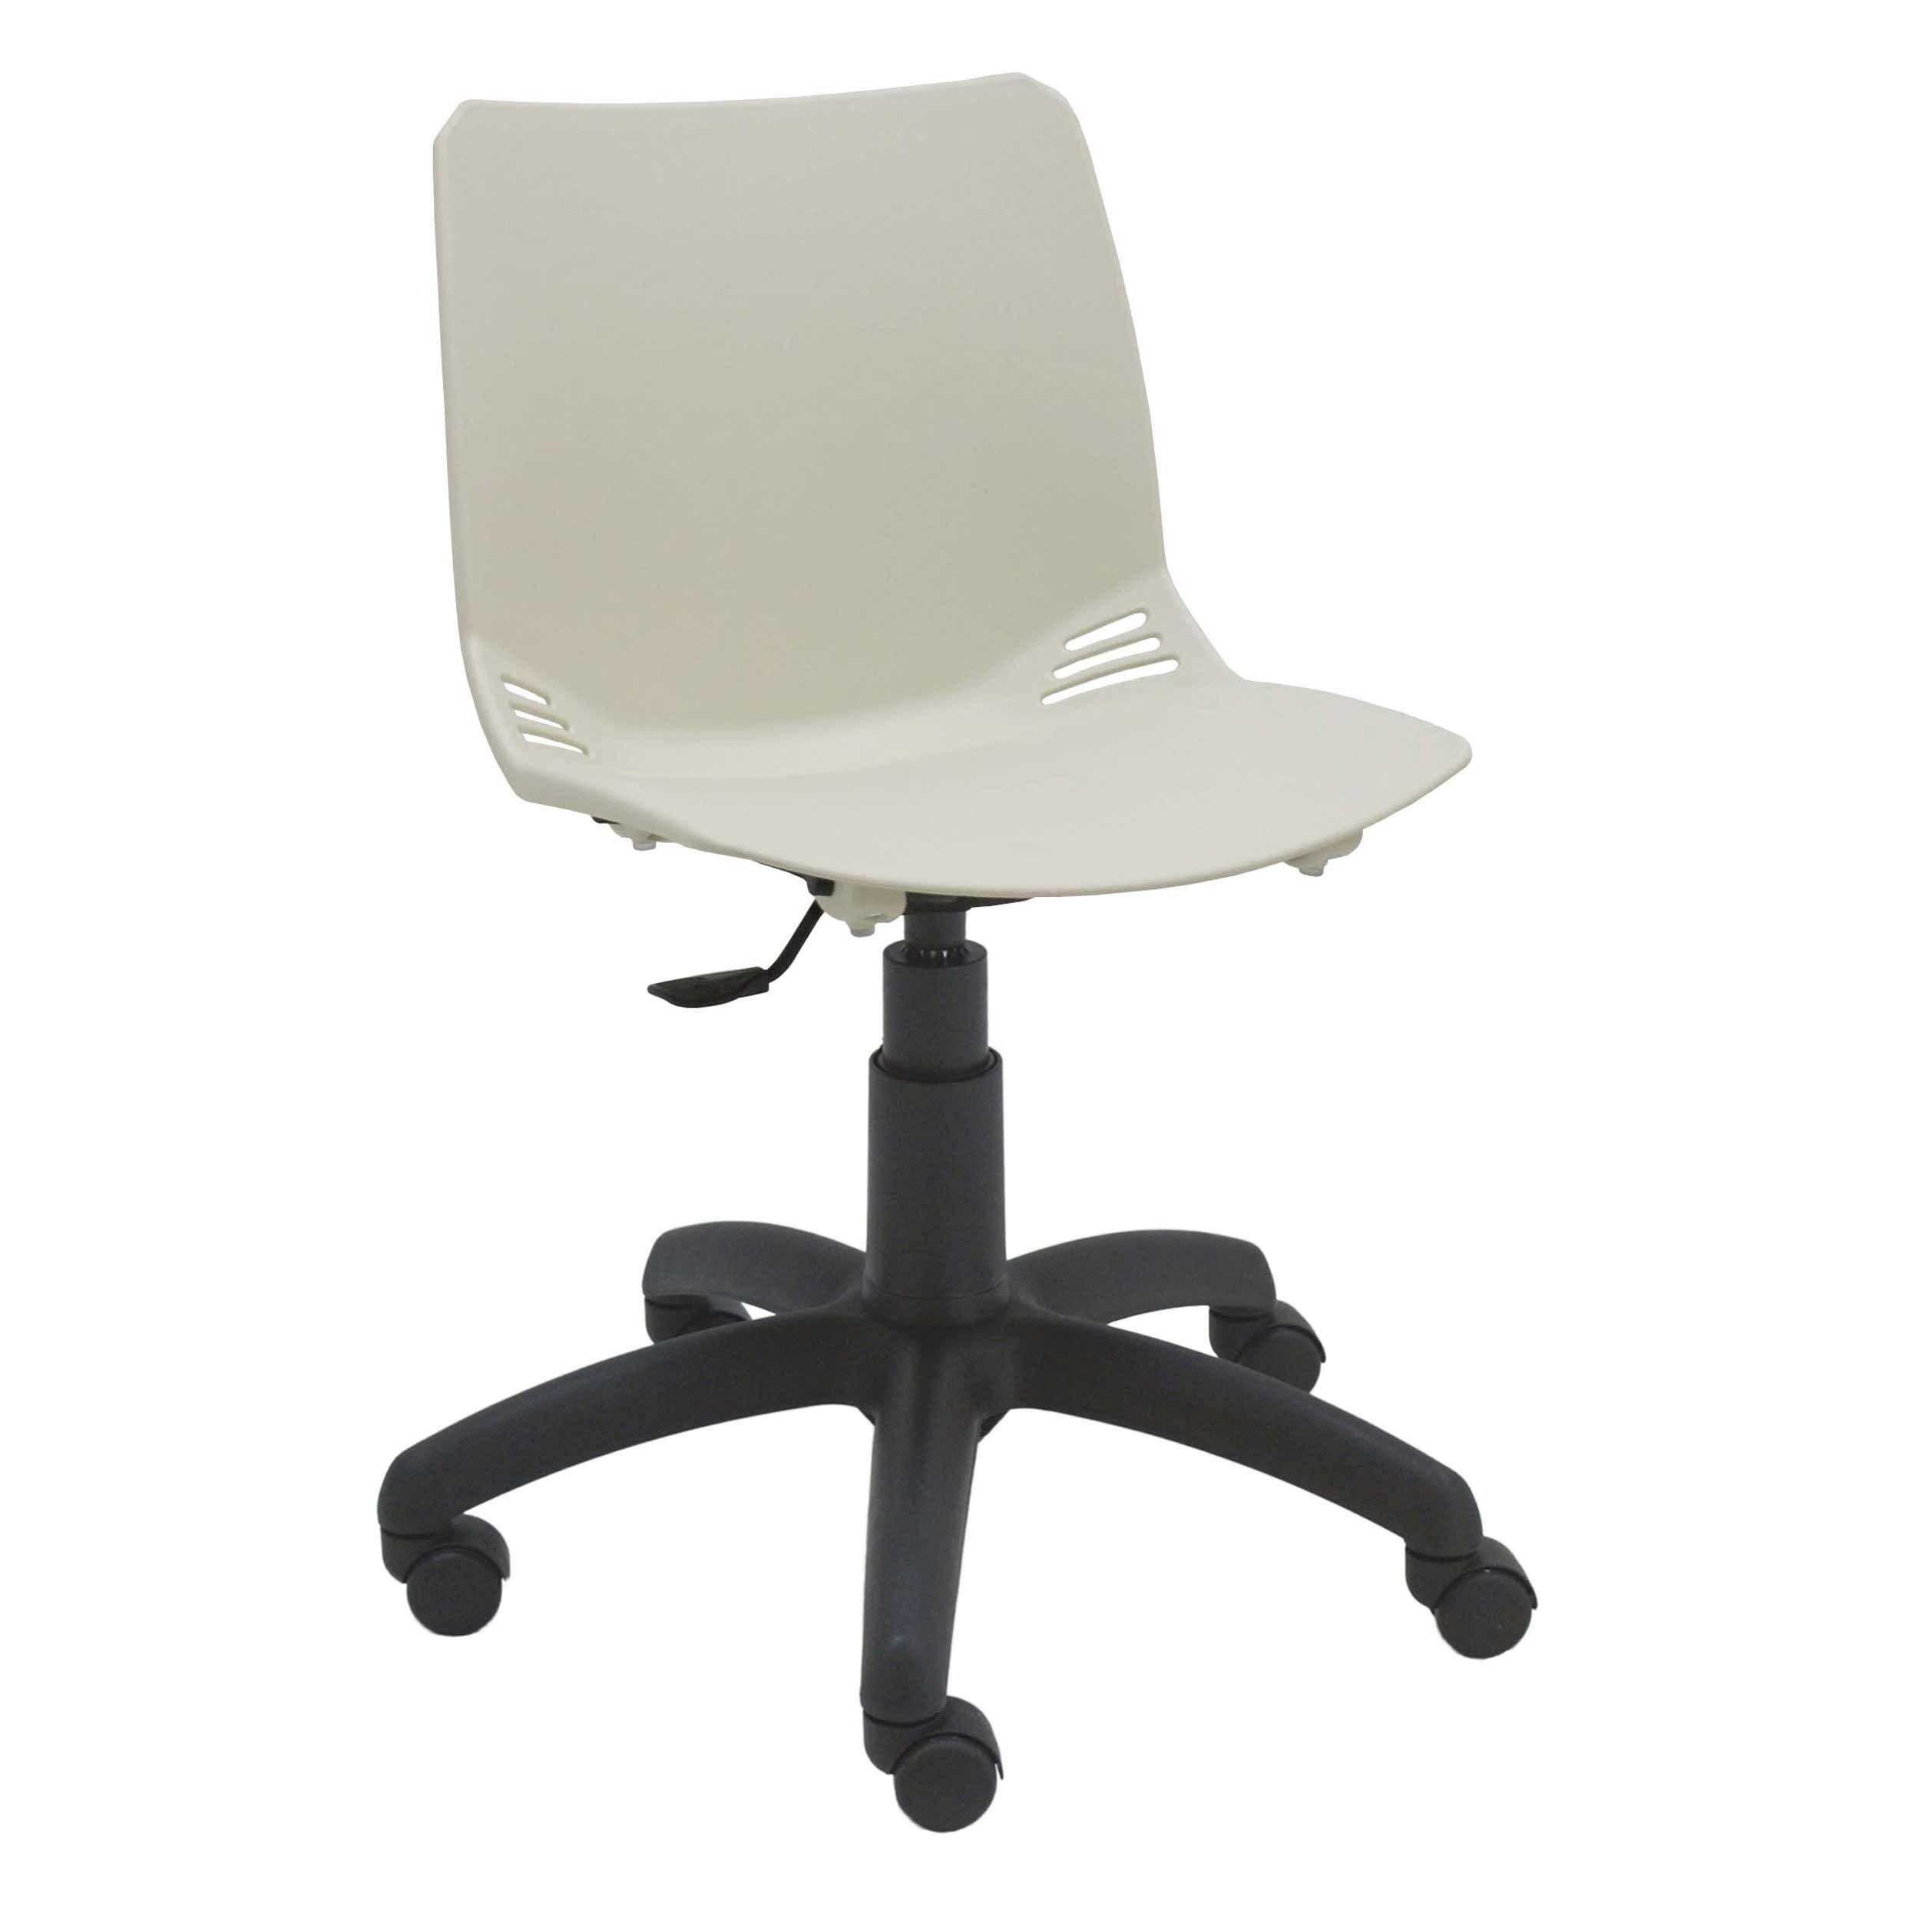 Silla giratoria pl stico modelo race sillas giratorias for Silla giratoria escritorio